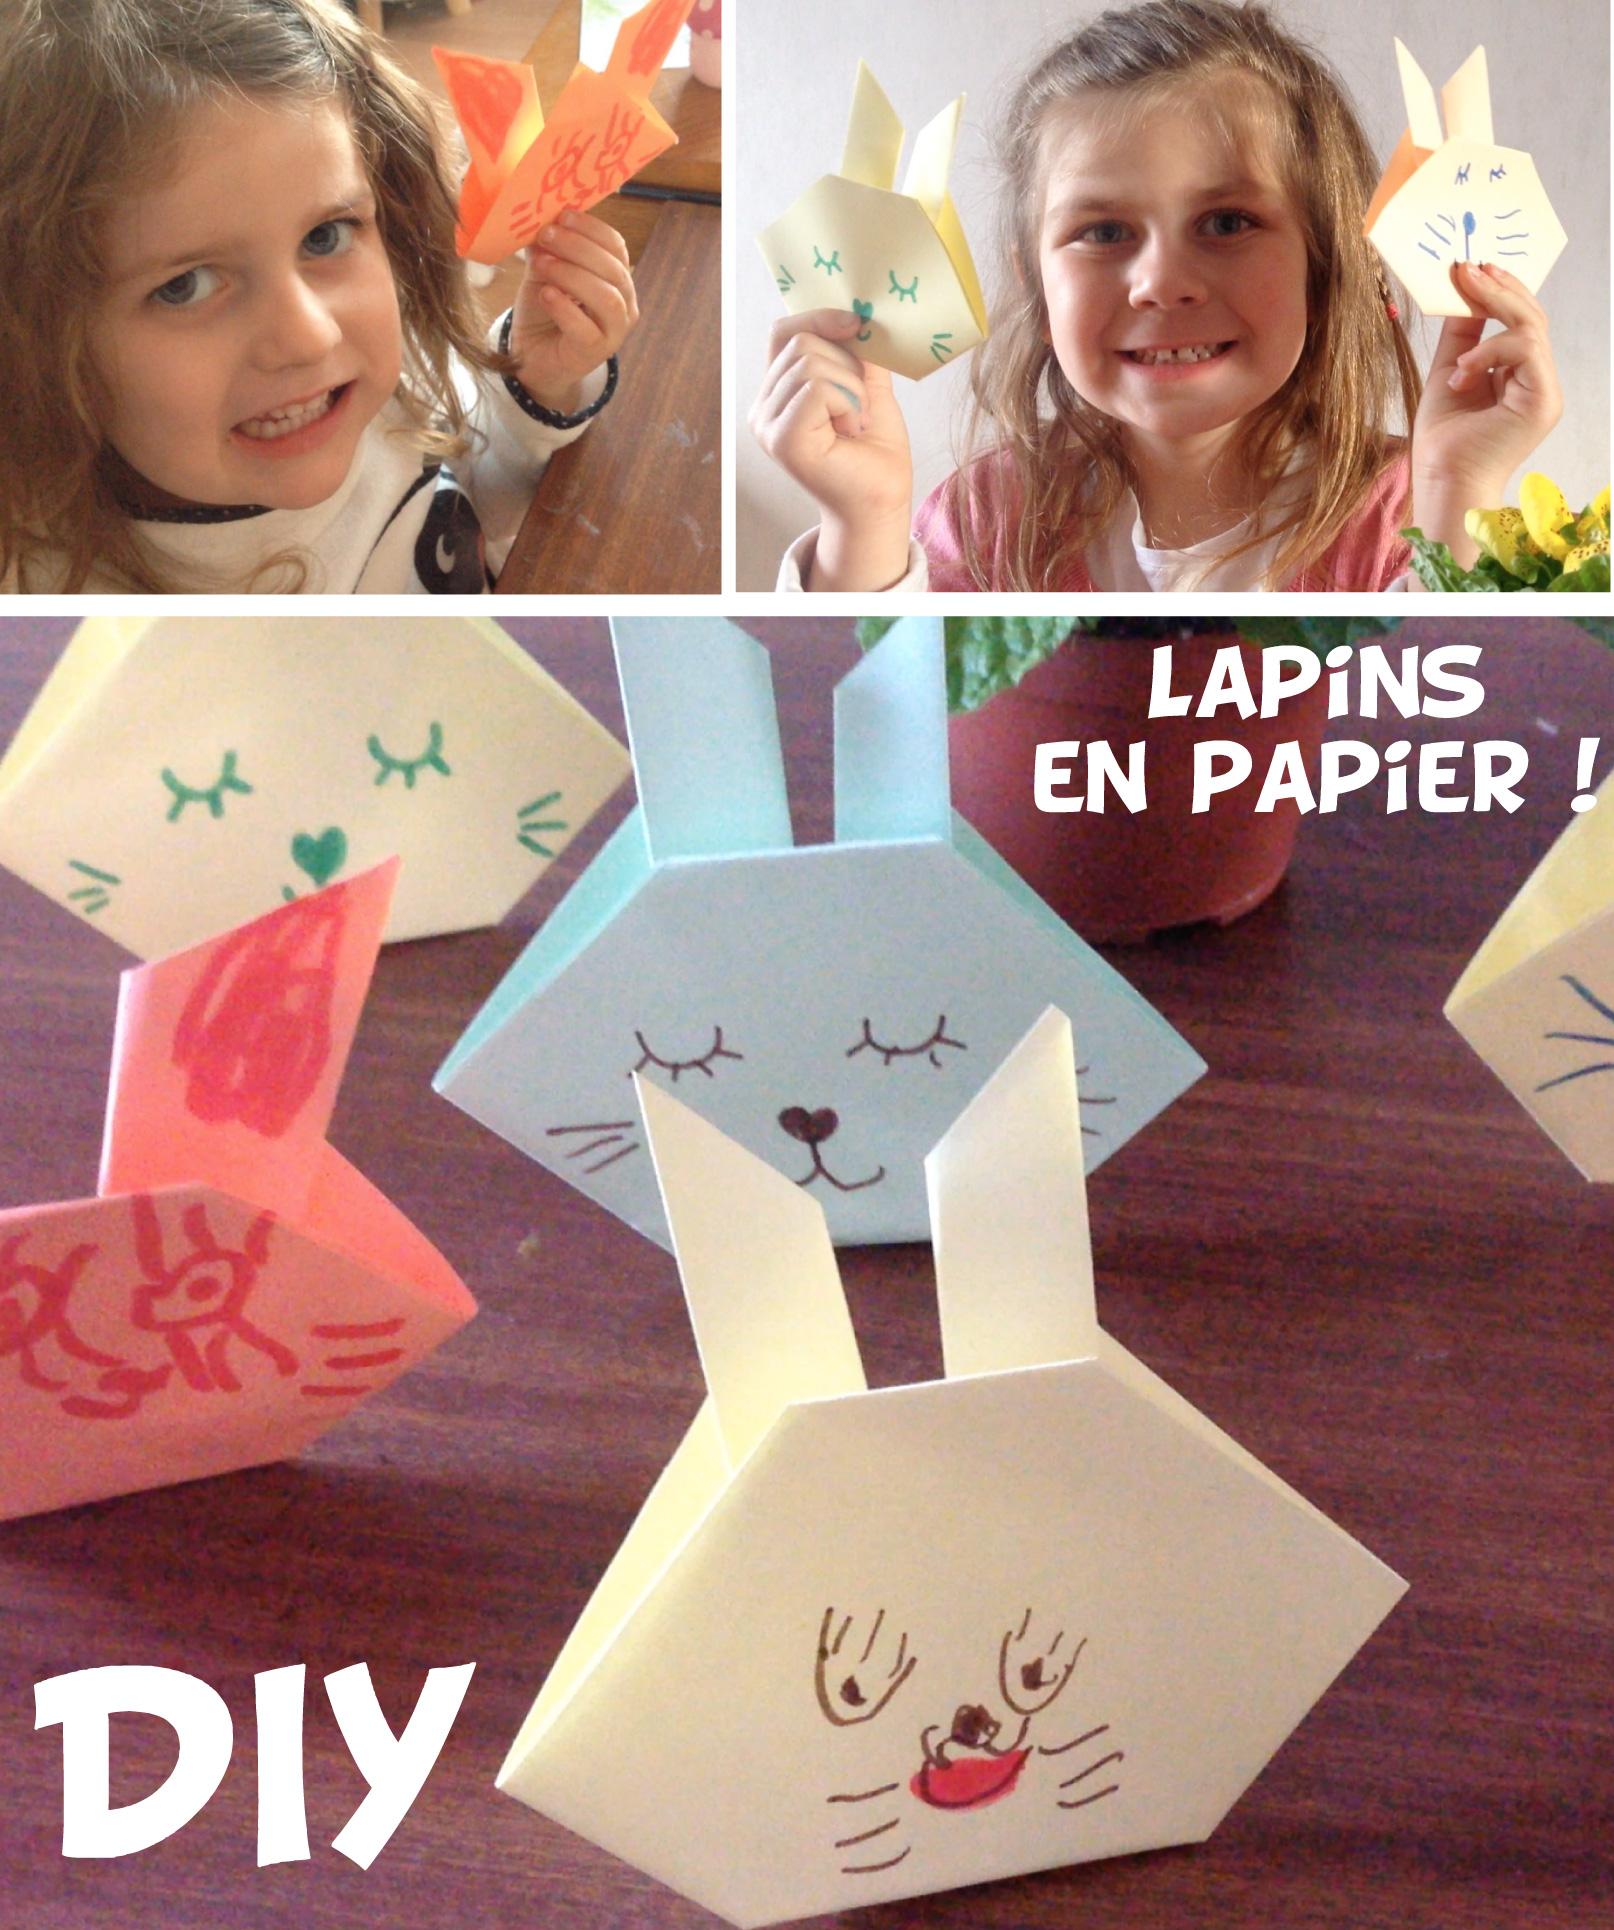 Diy Lapin En Papier Vidéo Origami Facile Allo Maman Dodo